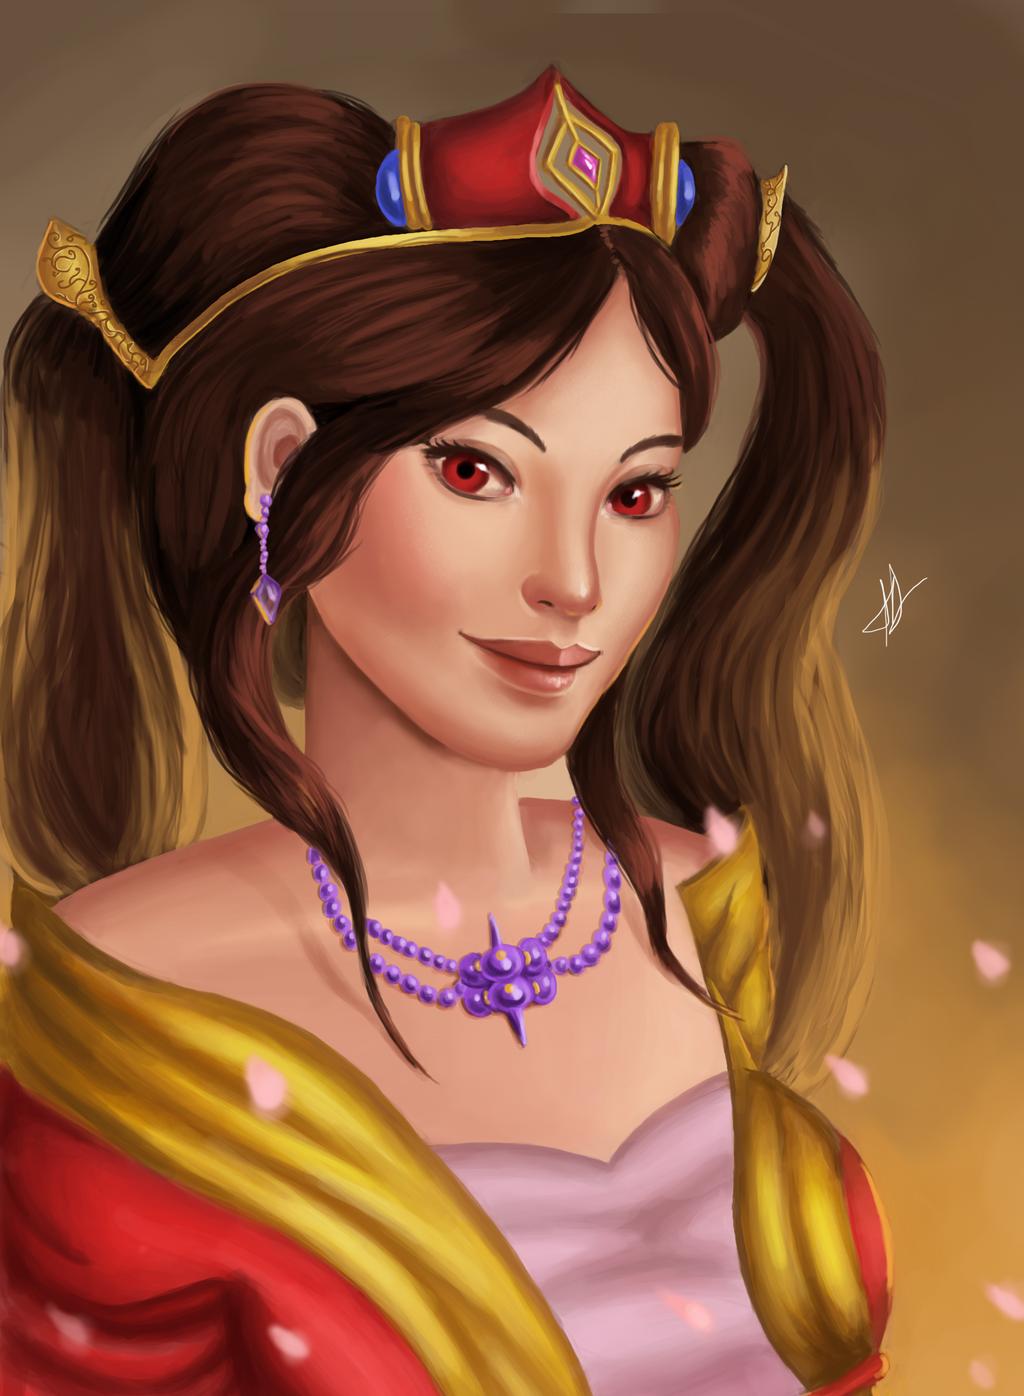 Guqin Sona by meiyue